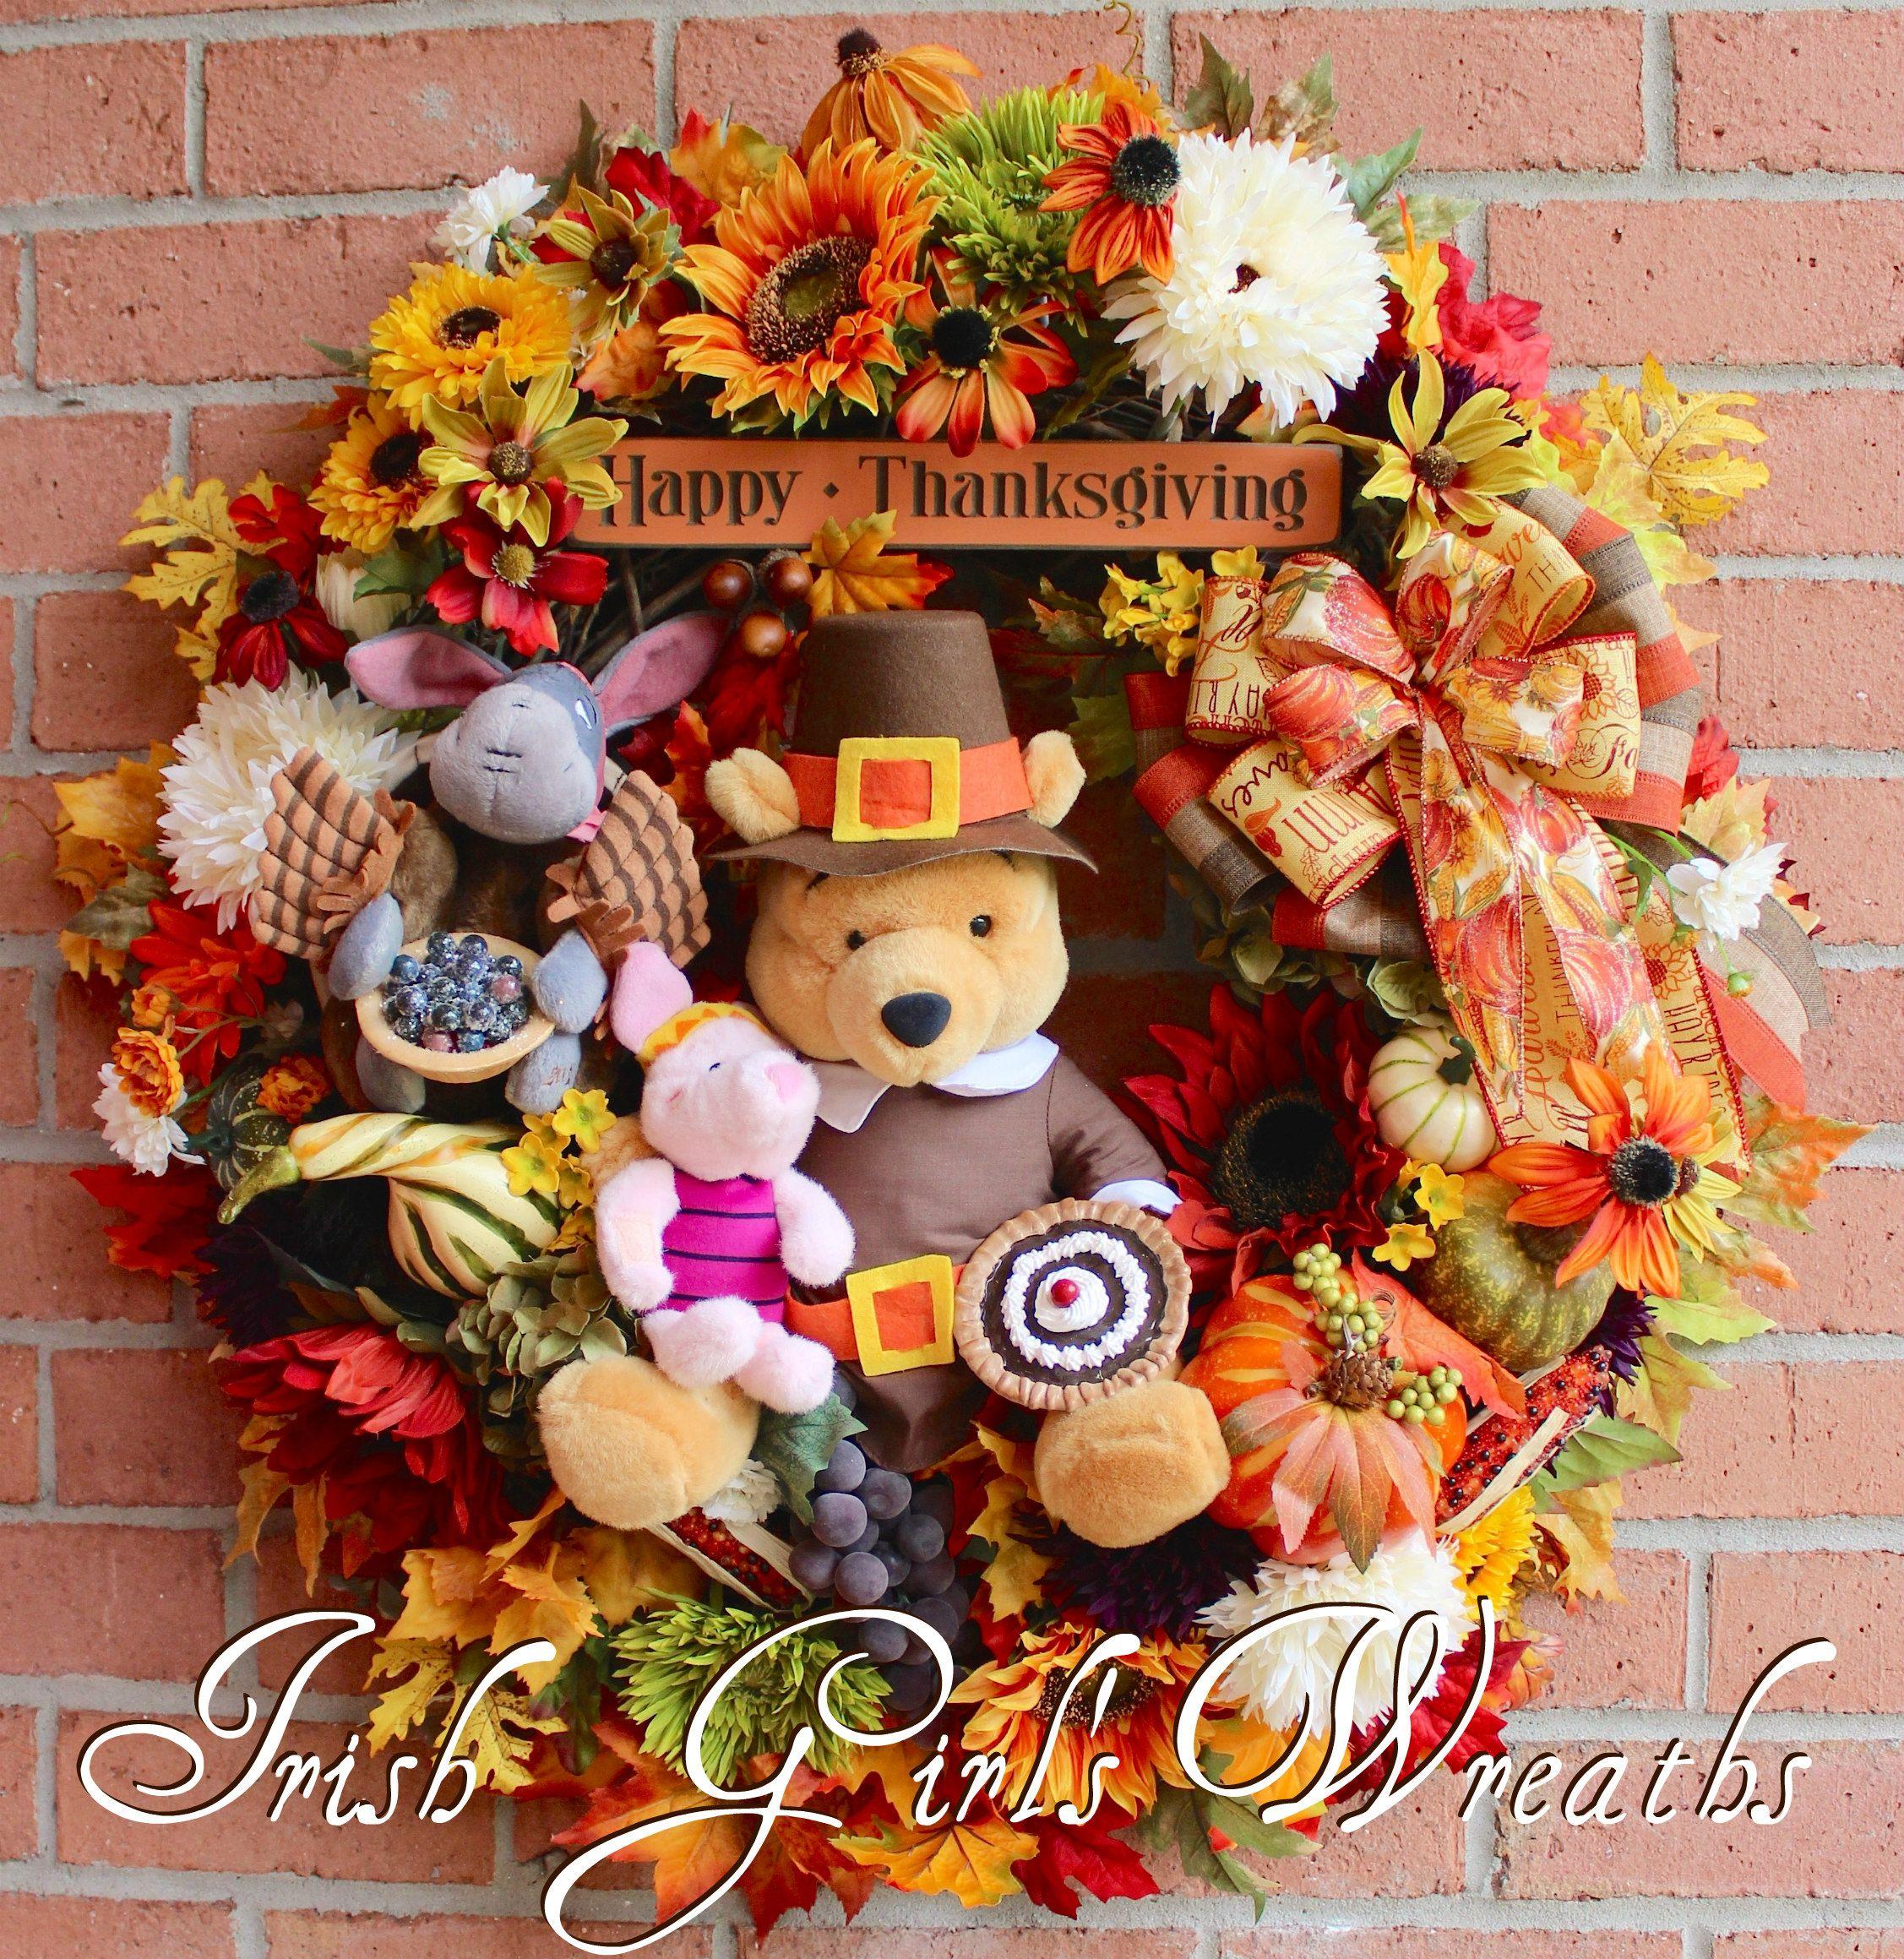 home decor wreath-door hanger sunflower-fall theme-fall decorations-harvest-harvest wreath Fall wreath harvest decorations